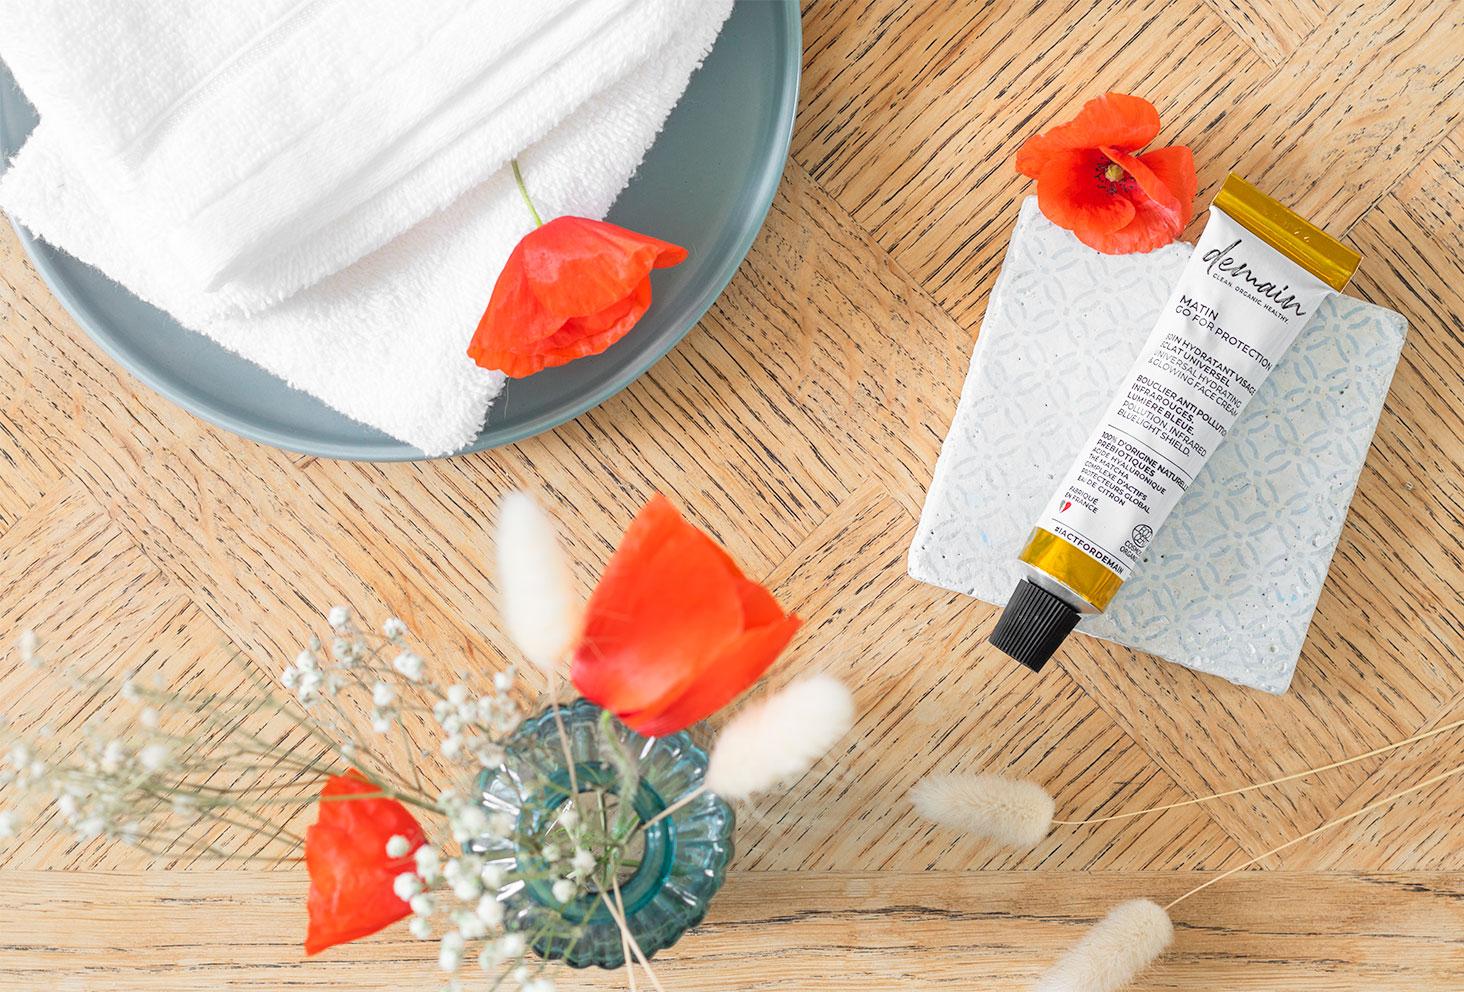 La crème hydratante Go For Protection de la marque Demain, posée sur un carreau de ciment bleu, au milieu de fleurs et de coquelicots